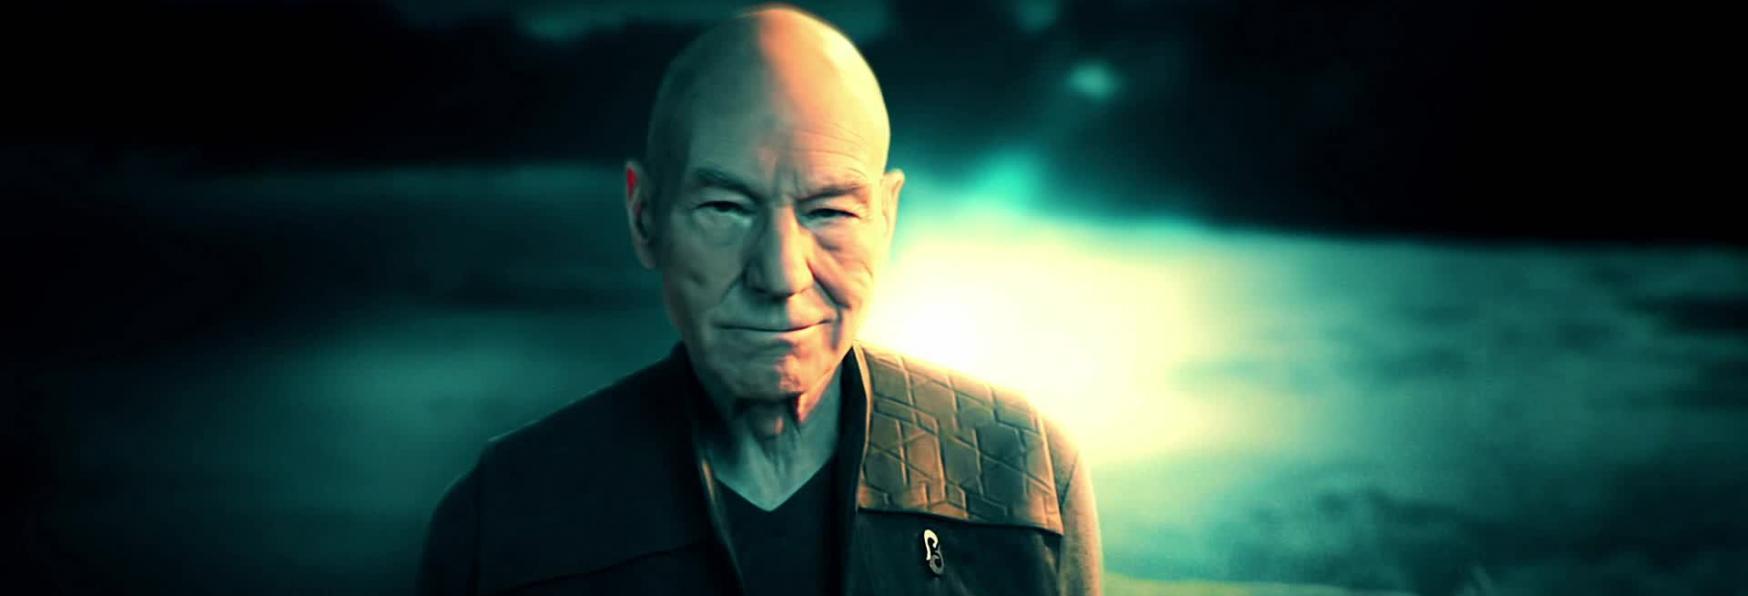 Star Trek: Picard - Rilasciato il nuovo Teaser Trailer della Serie TV